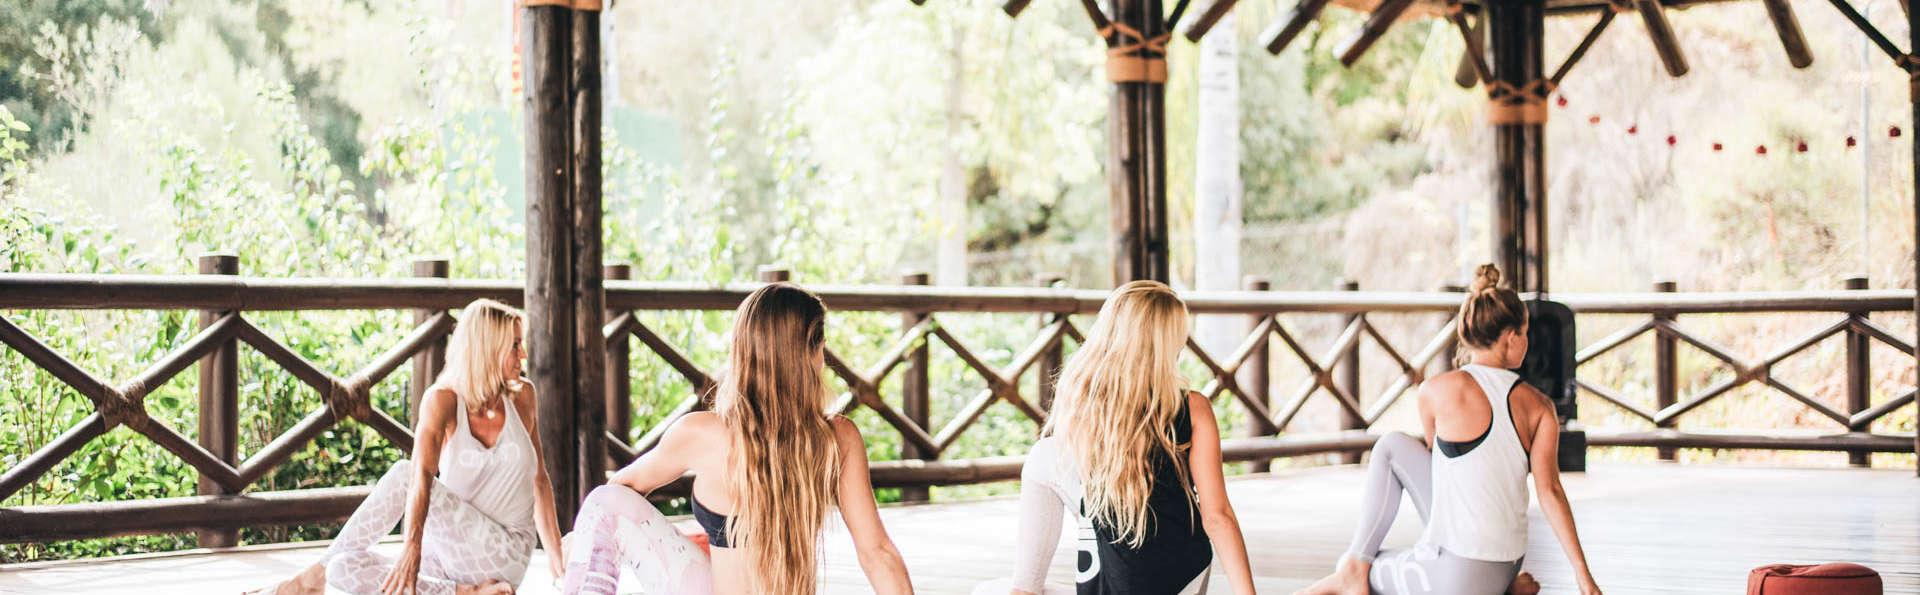 Escapade détente avec cours de yoga et dîner à Malaga